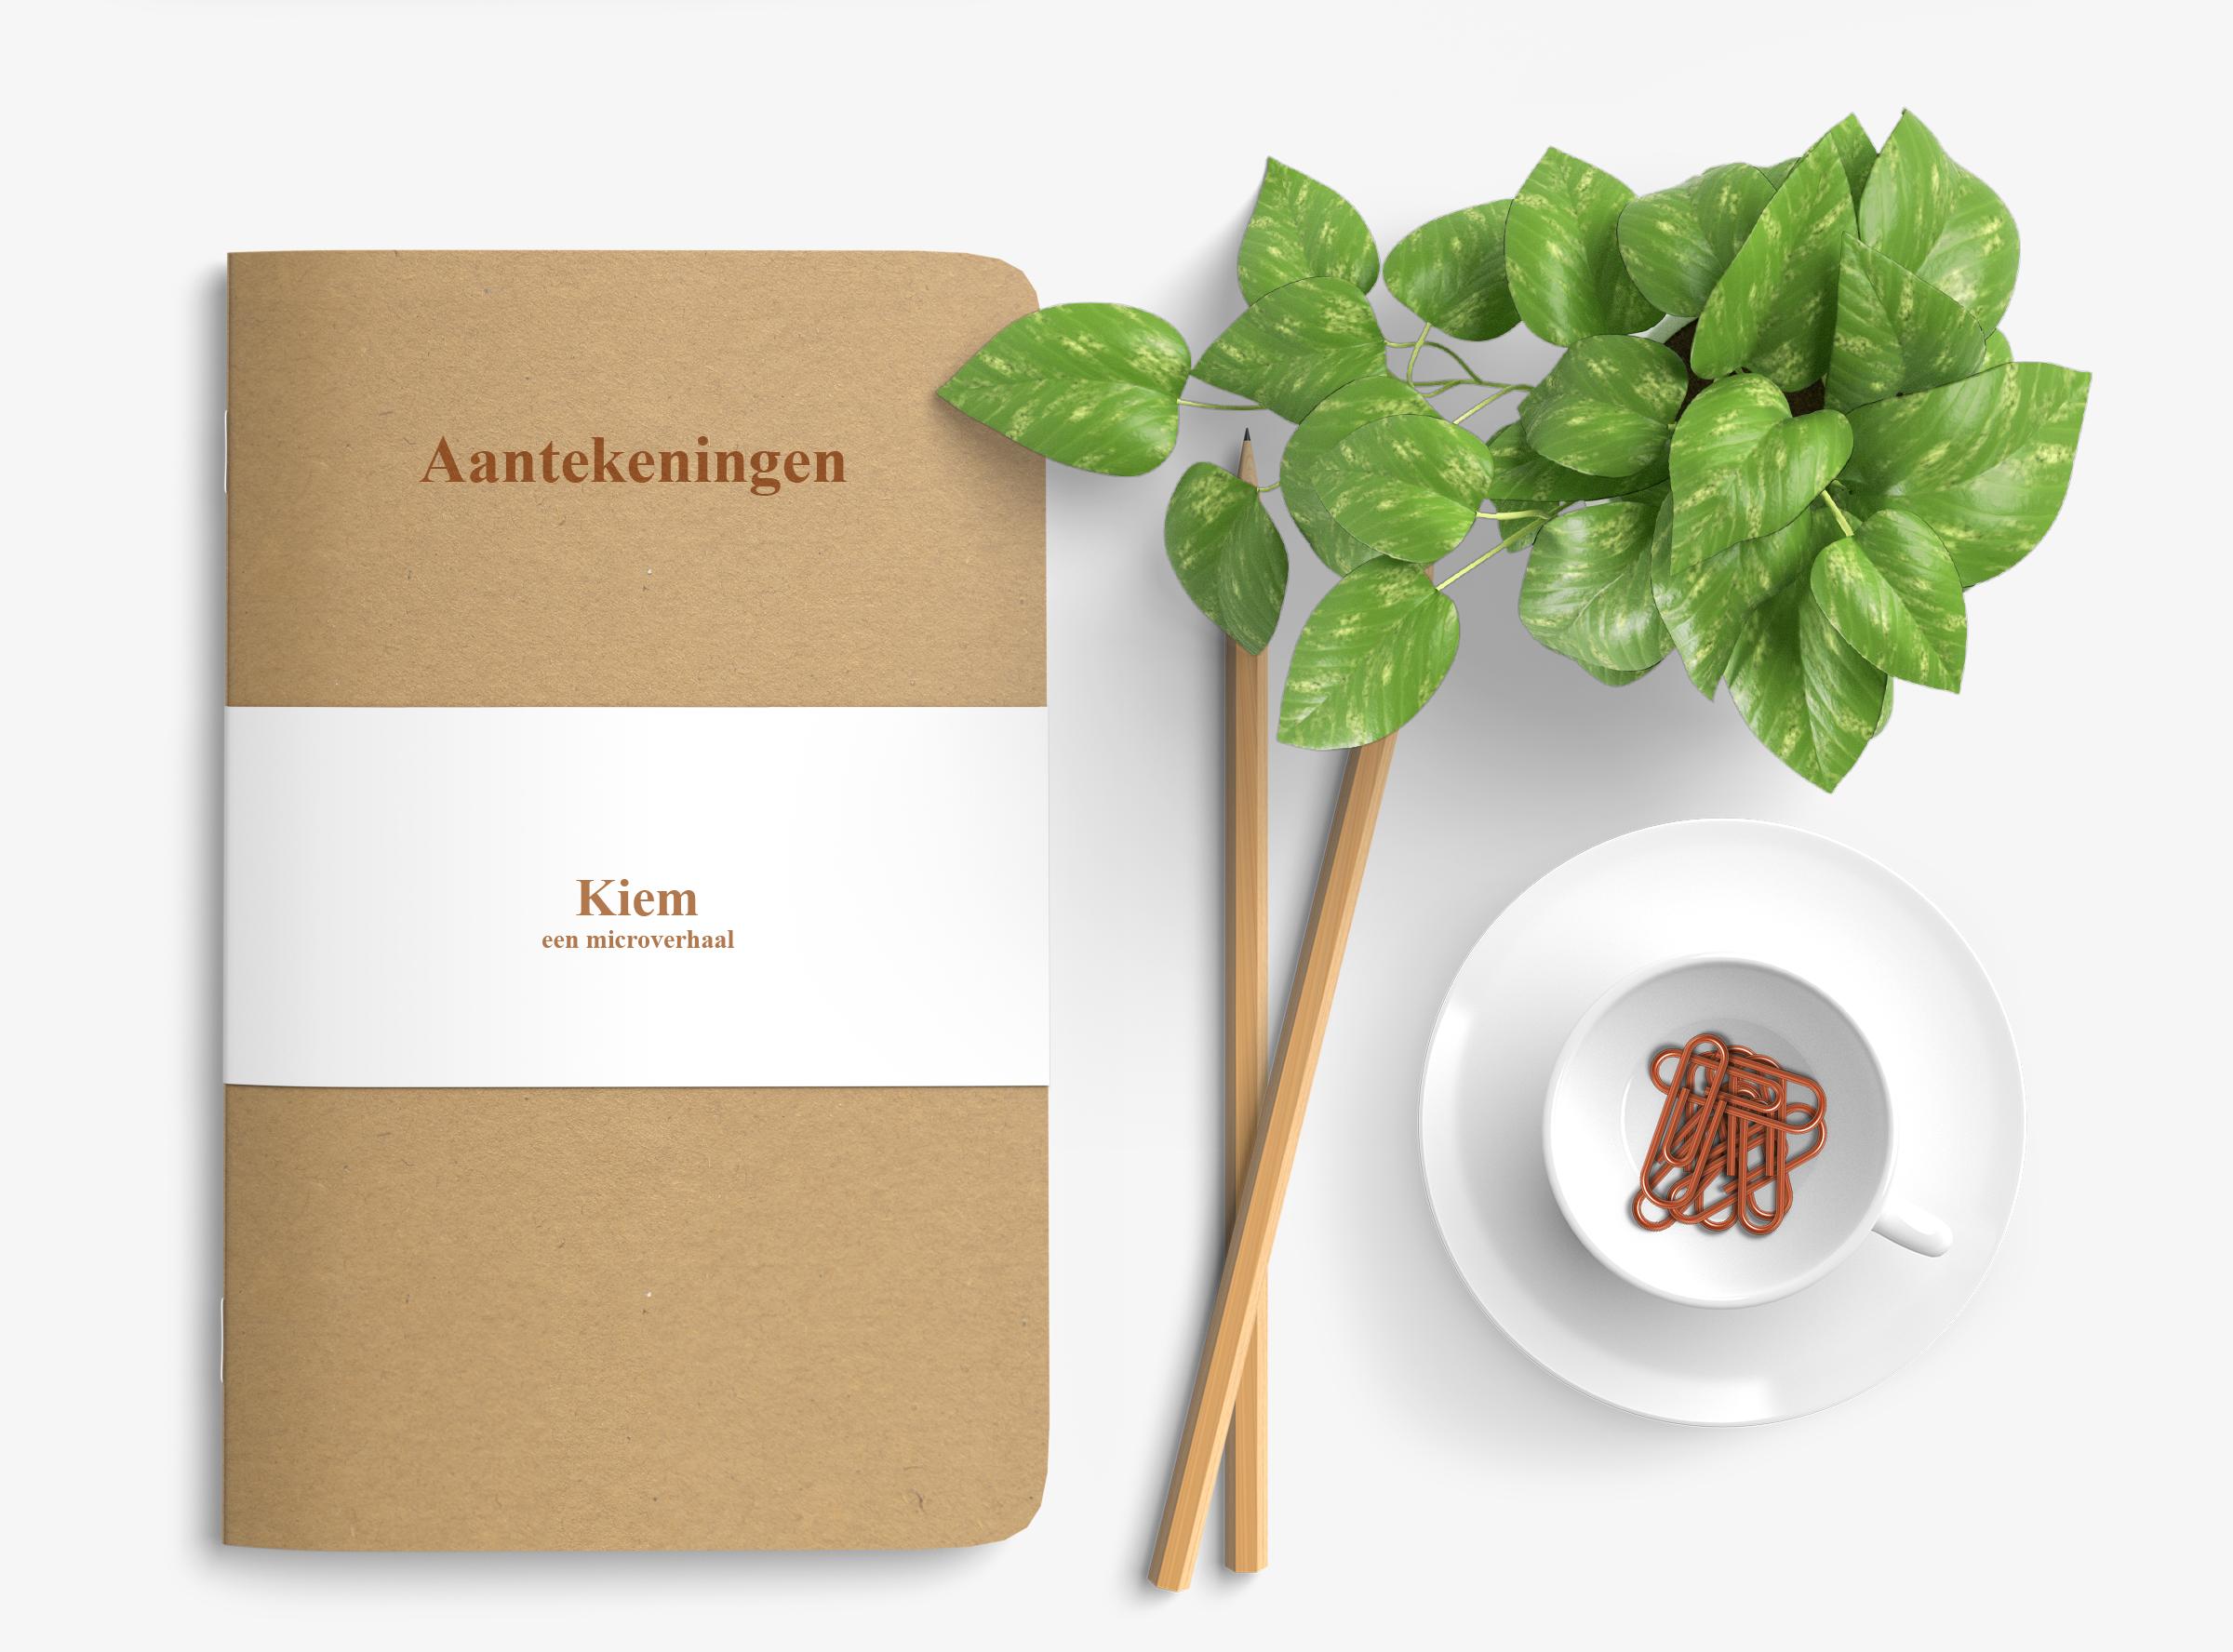 Kiem: Een microverhaal - Korte verhalen - EdivaniaLopes.nl